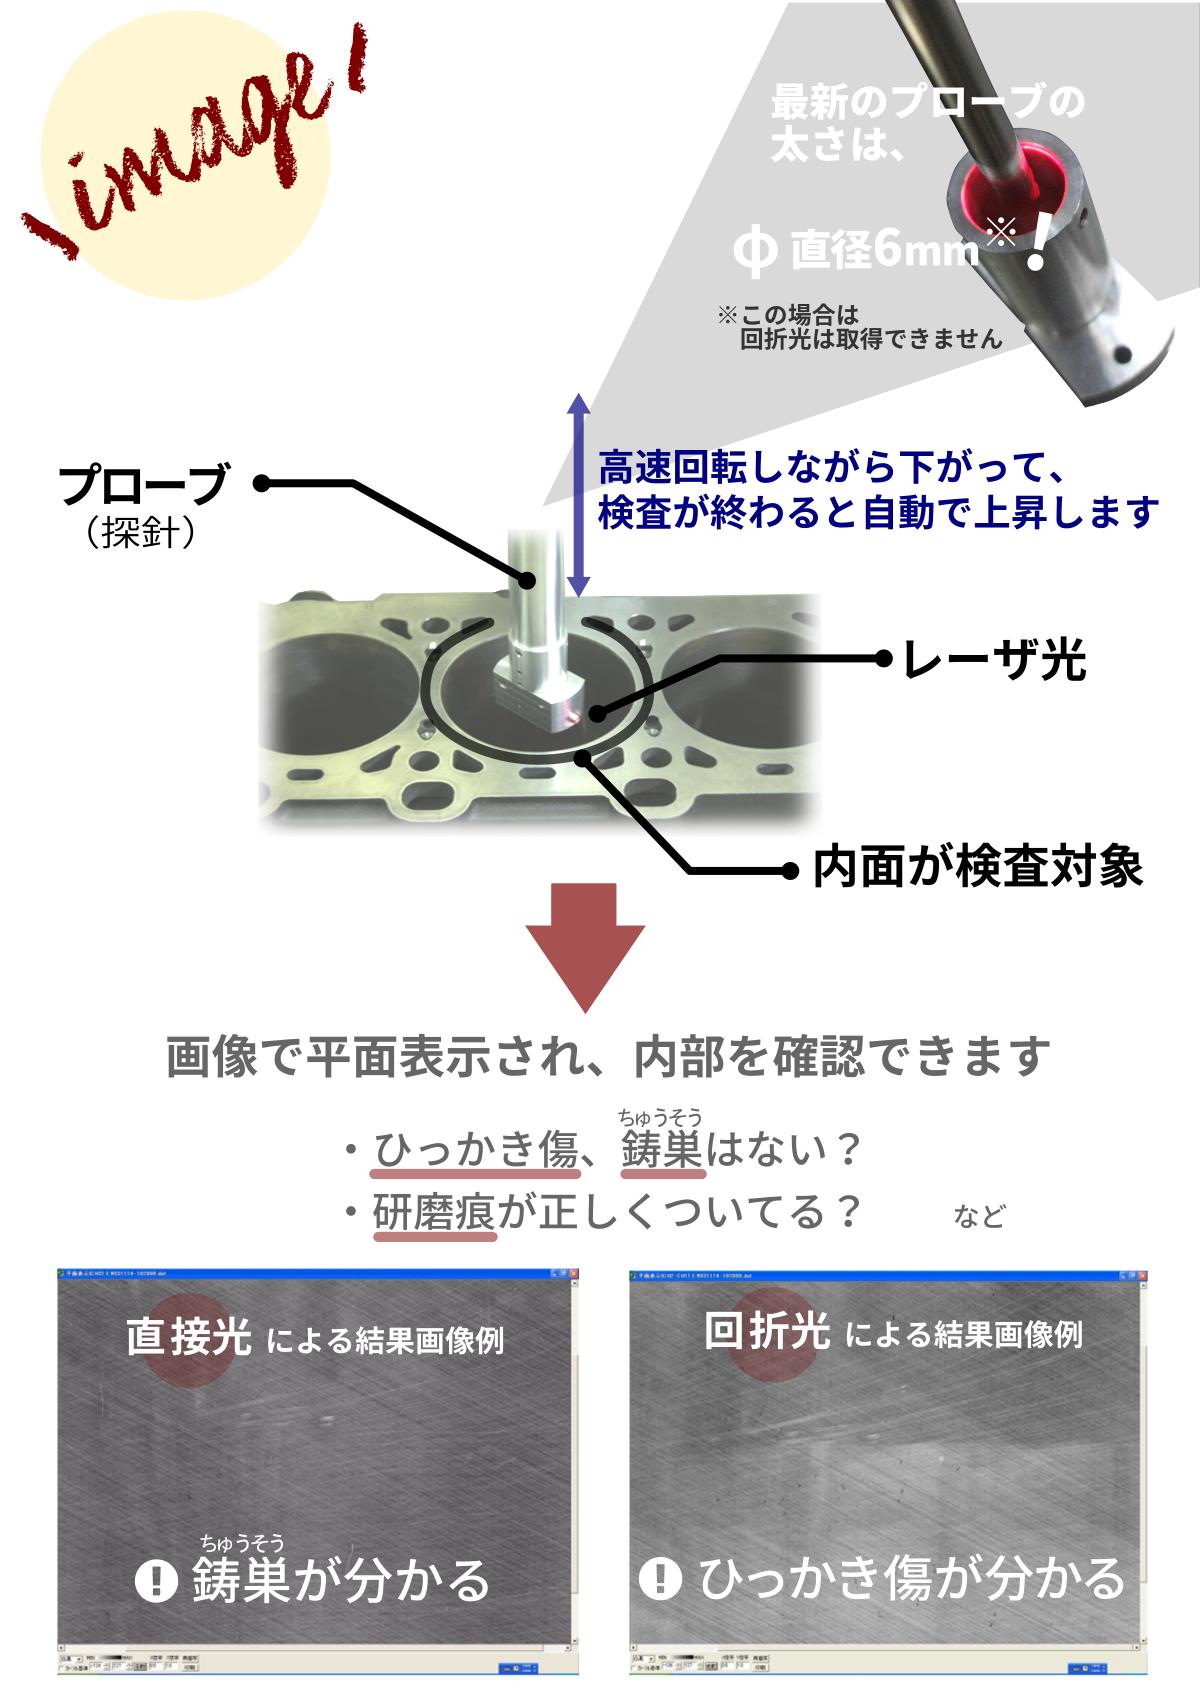 内面傷検査装置の説明図(・プローブが高速回転しながら下がって検査が終わると自動で上昇します、・最新プローブの太さは直径6mm!※この場合は回折光は取得できません、・画像で平面表示され内部を確認できます、・直接光による結果画像→鋳巣が分かる、・回折光による結果画像→ひっかき傷が分かる)